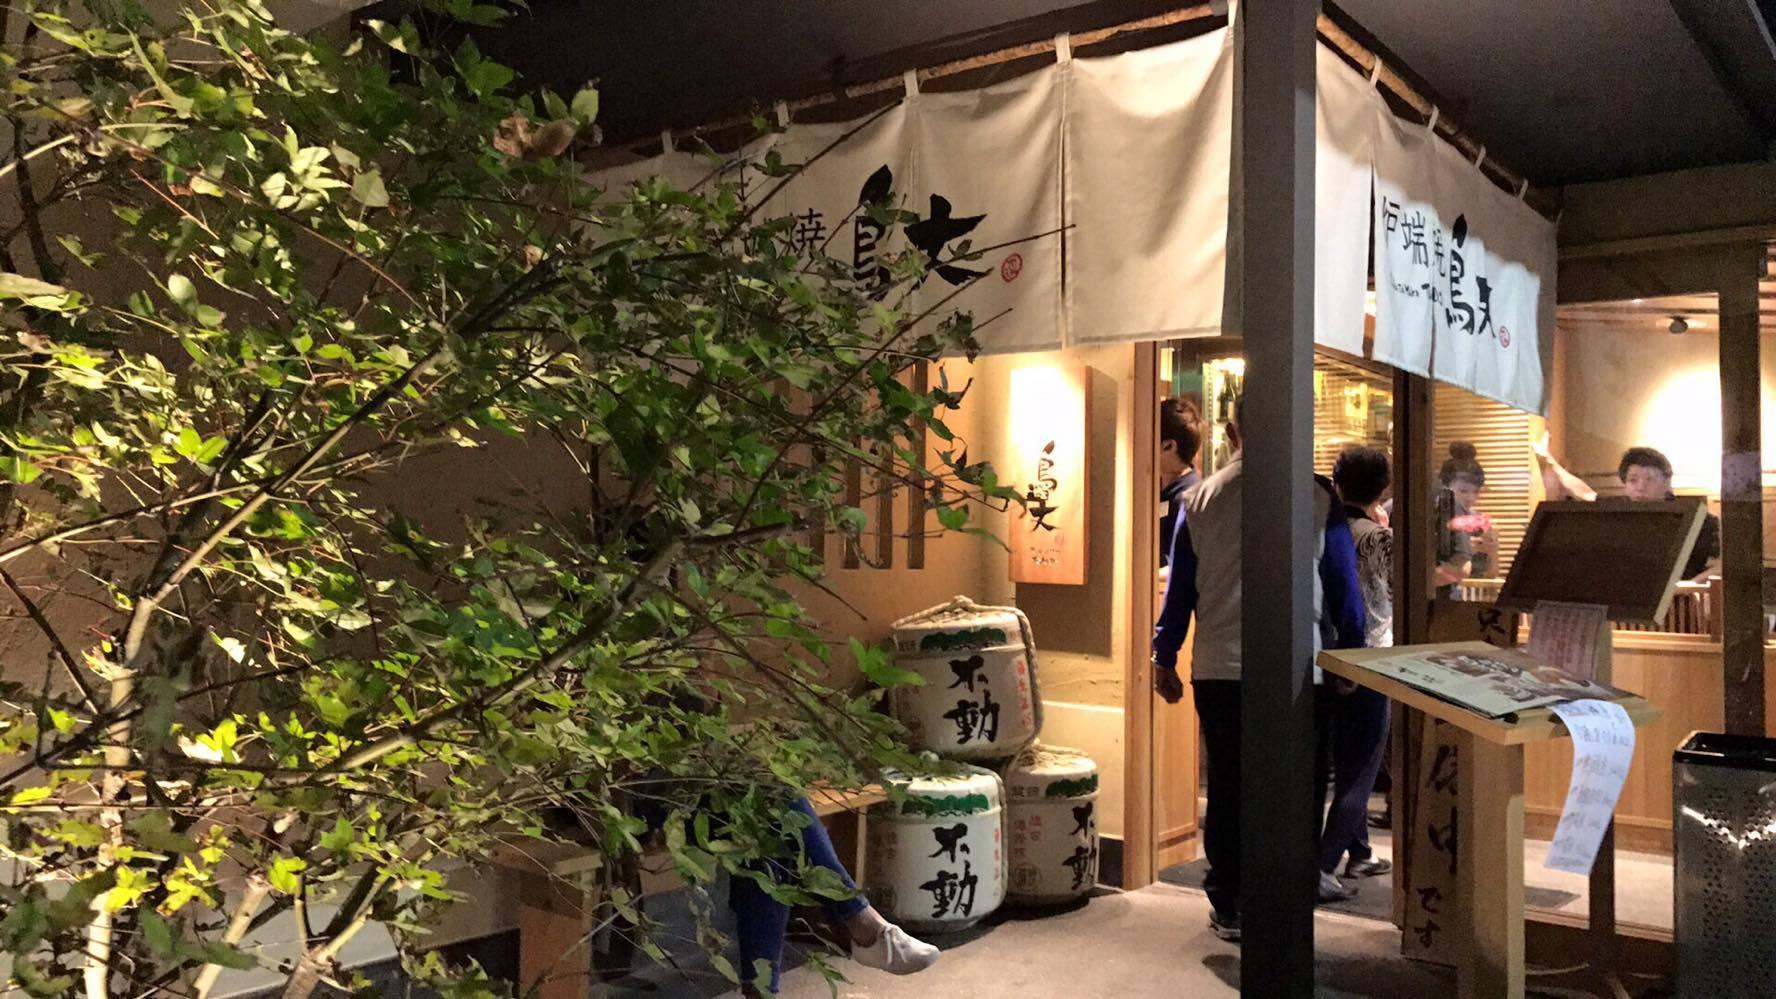 日本 觀光 千葉 日本酒 鍋店 不動 鳥丈